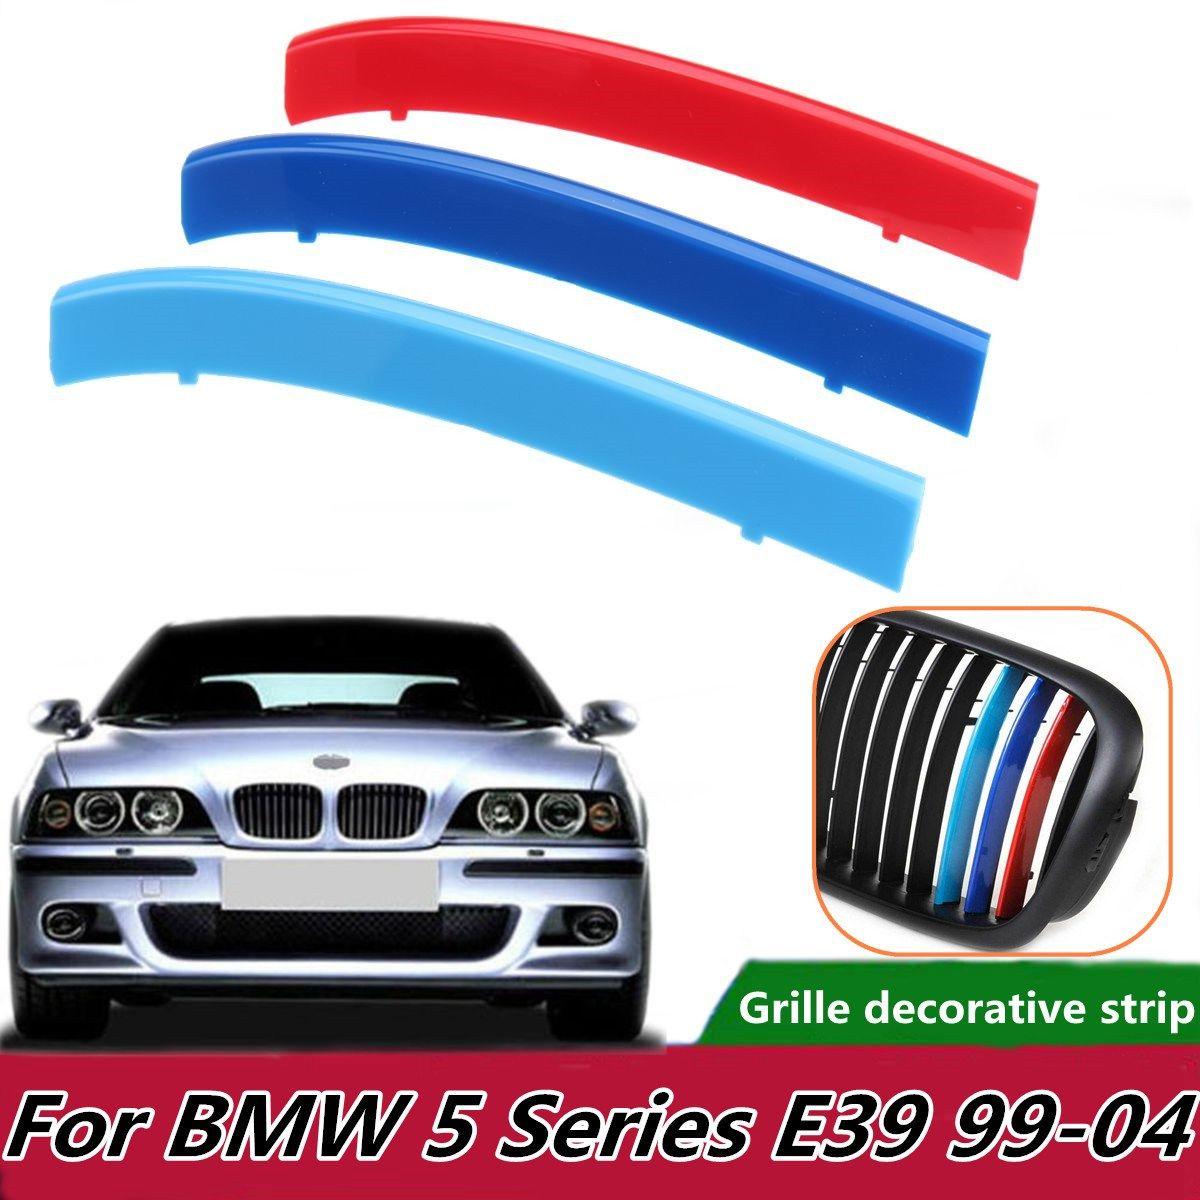 3 Pcs Tricolor Kunststoff Auto Vorne Mitte Grille Abdeckung Trim Für BMW 5 Series E39 1999-2004